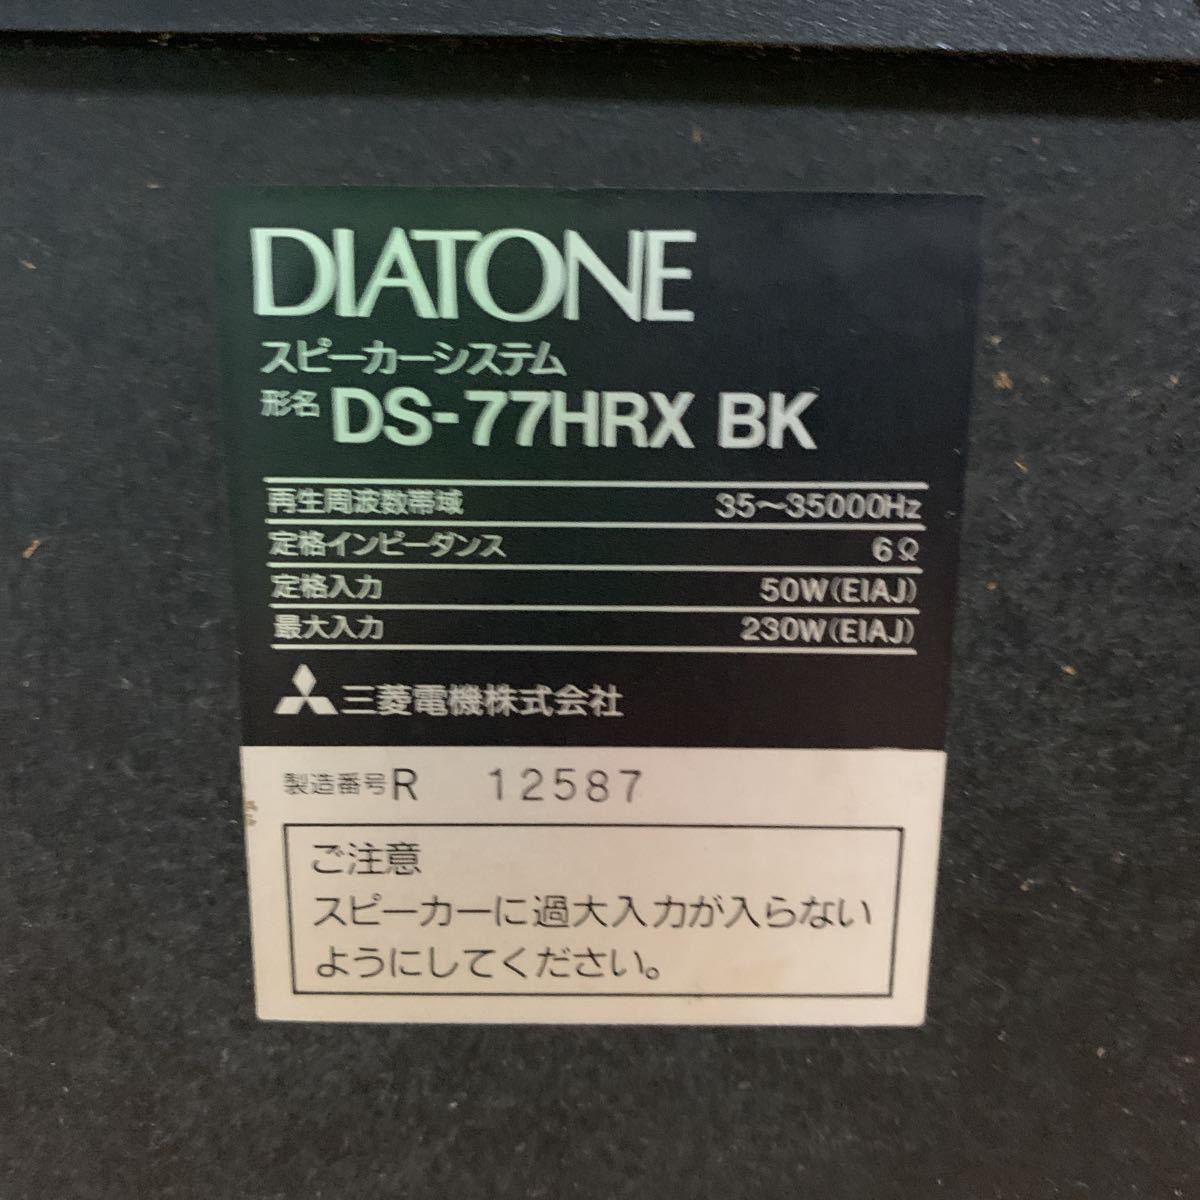 1円スタート DIATONE ダイヤトーン DS-77HRX BK スピーカー ペア 中古 大きめ 重い 中古 引取歓迎! ネット欠品_画像8